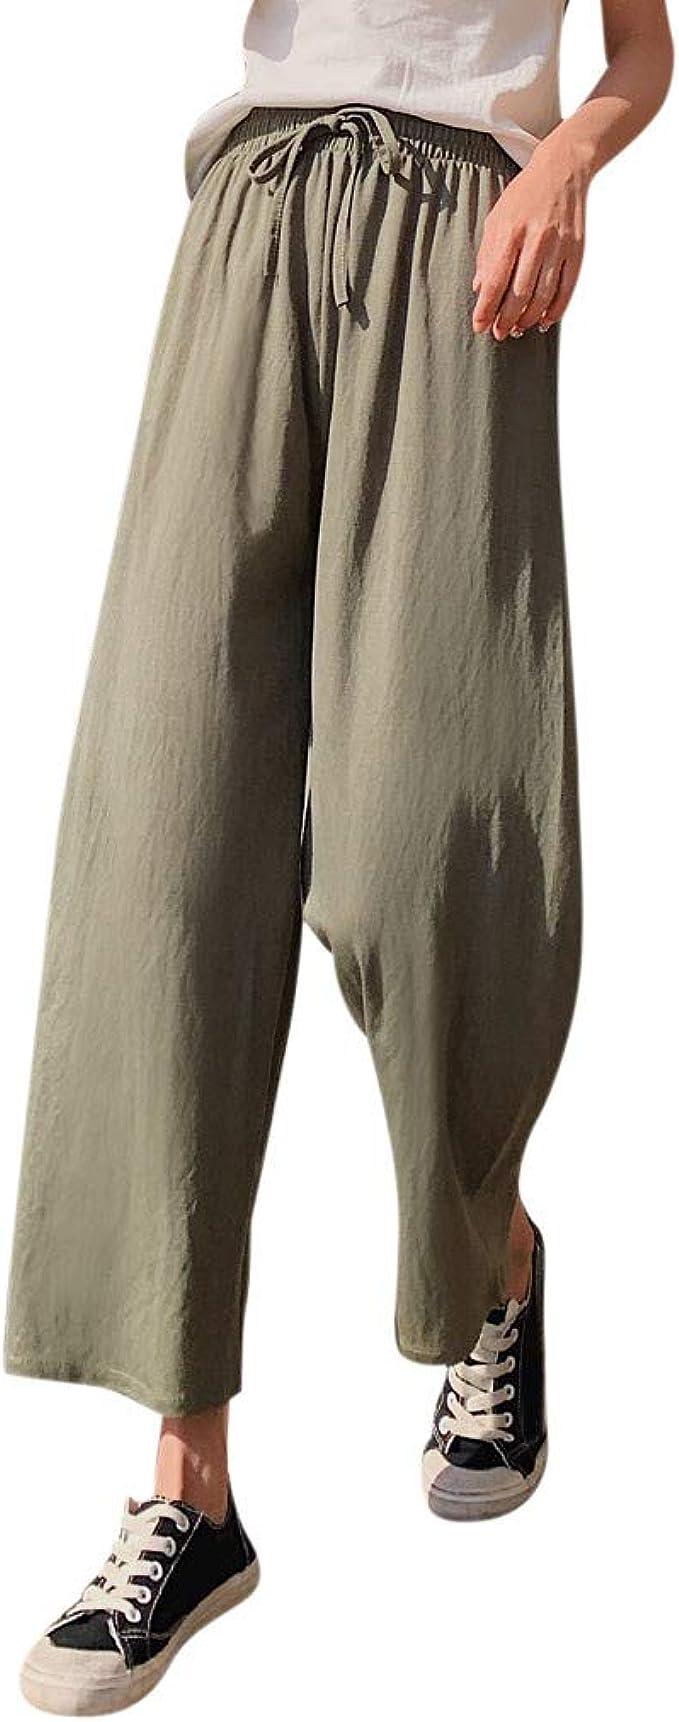 FRAUIT Pantaloni Donna Lino Larghi Pantaloni Ragazza Estivi Eleganti Pantaloni Palazzo Vita Alta Pantalone Estivo Sportivo Pantaloni Elasticizzati Curvy Pantaloni Tuta Cotone Leggero Larghi